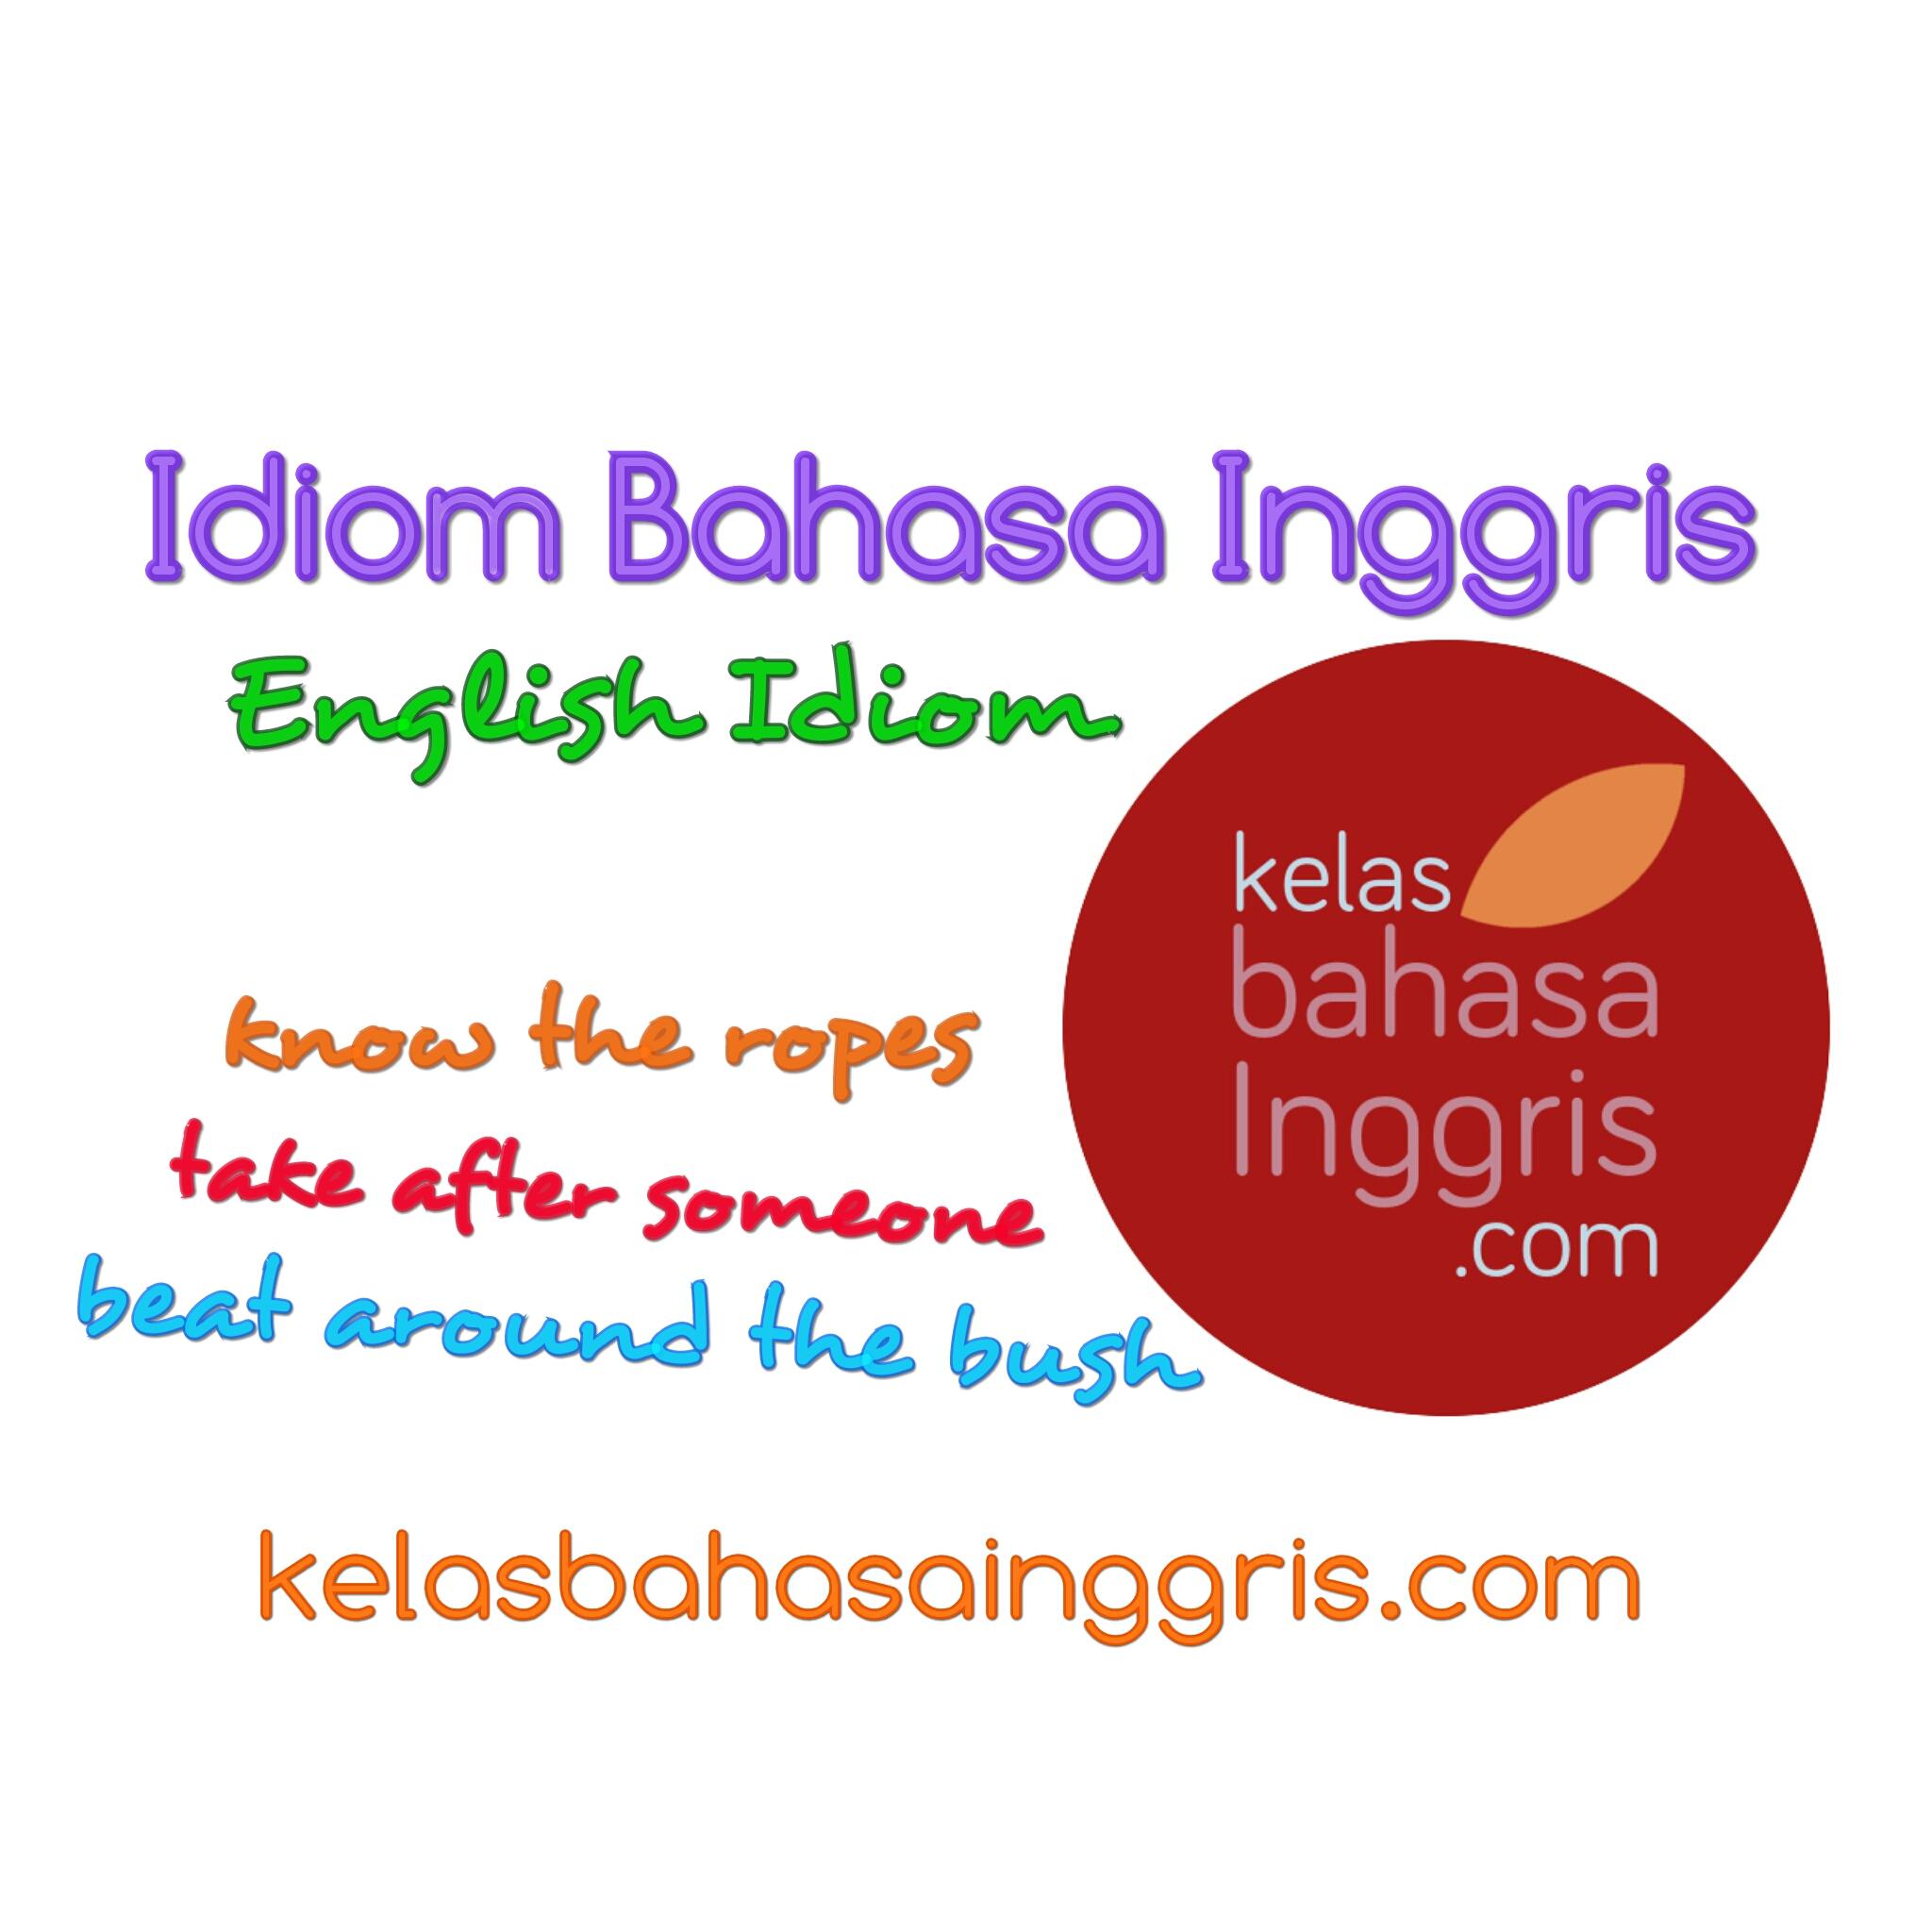 Idiom Bahasa Inggris Lengkap Dengan Artinya Kelasbahasainggris Com